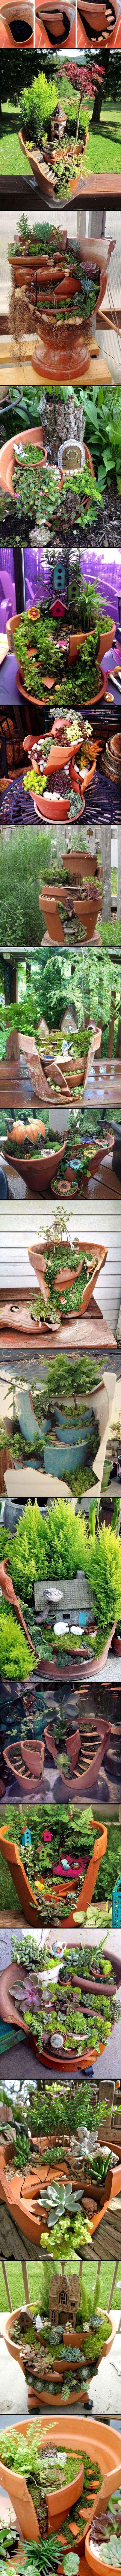 Diese Deko ist einfach wunderschön. Man kann echte Hobbit-Landschaften erschaffen oder kleine Gärten für Feen.: #kleinegärten